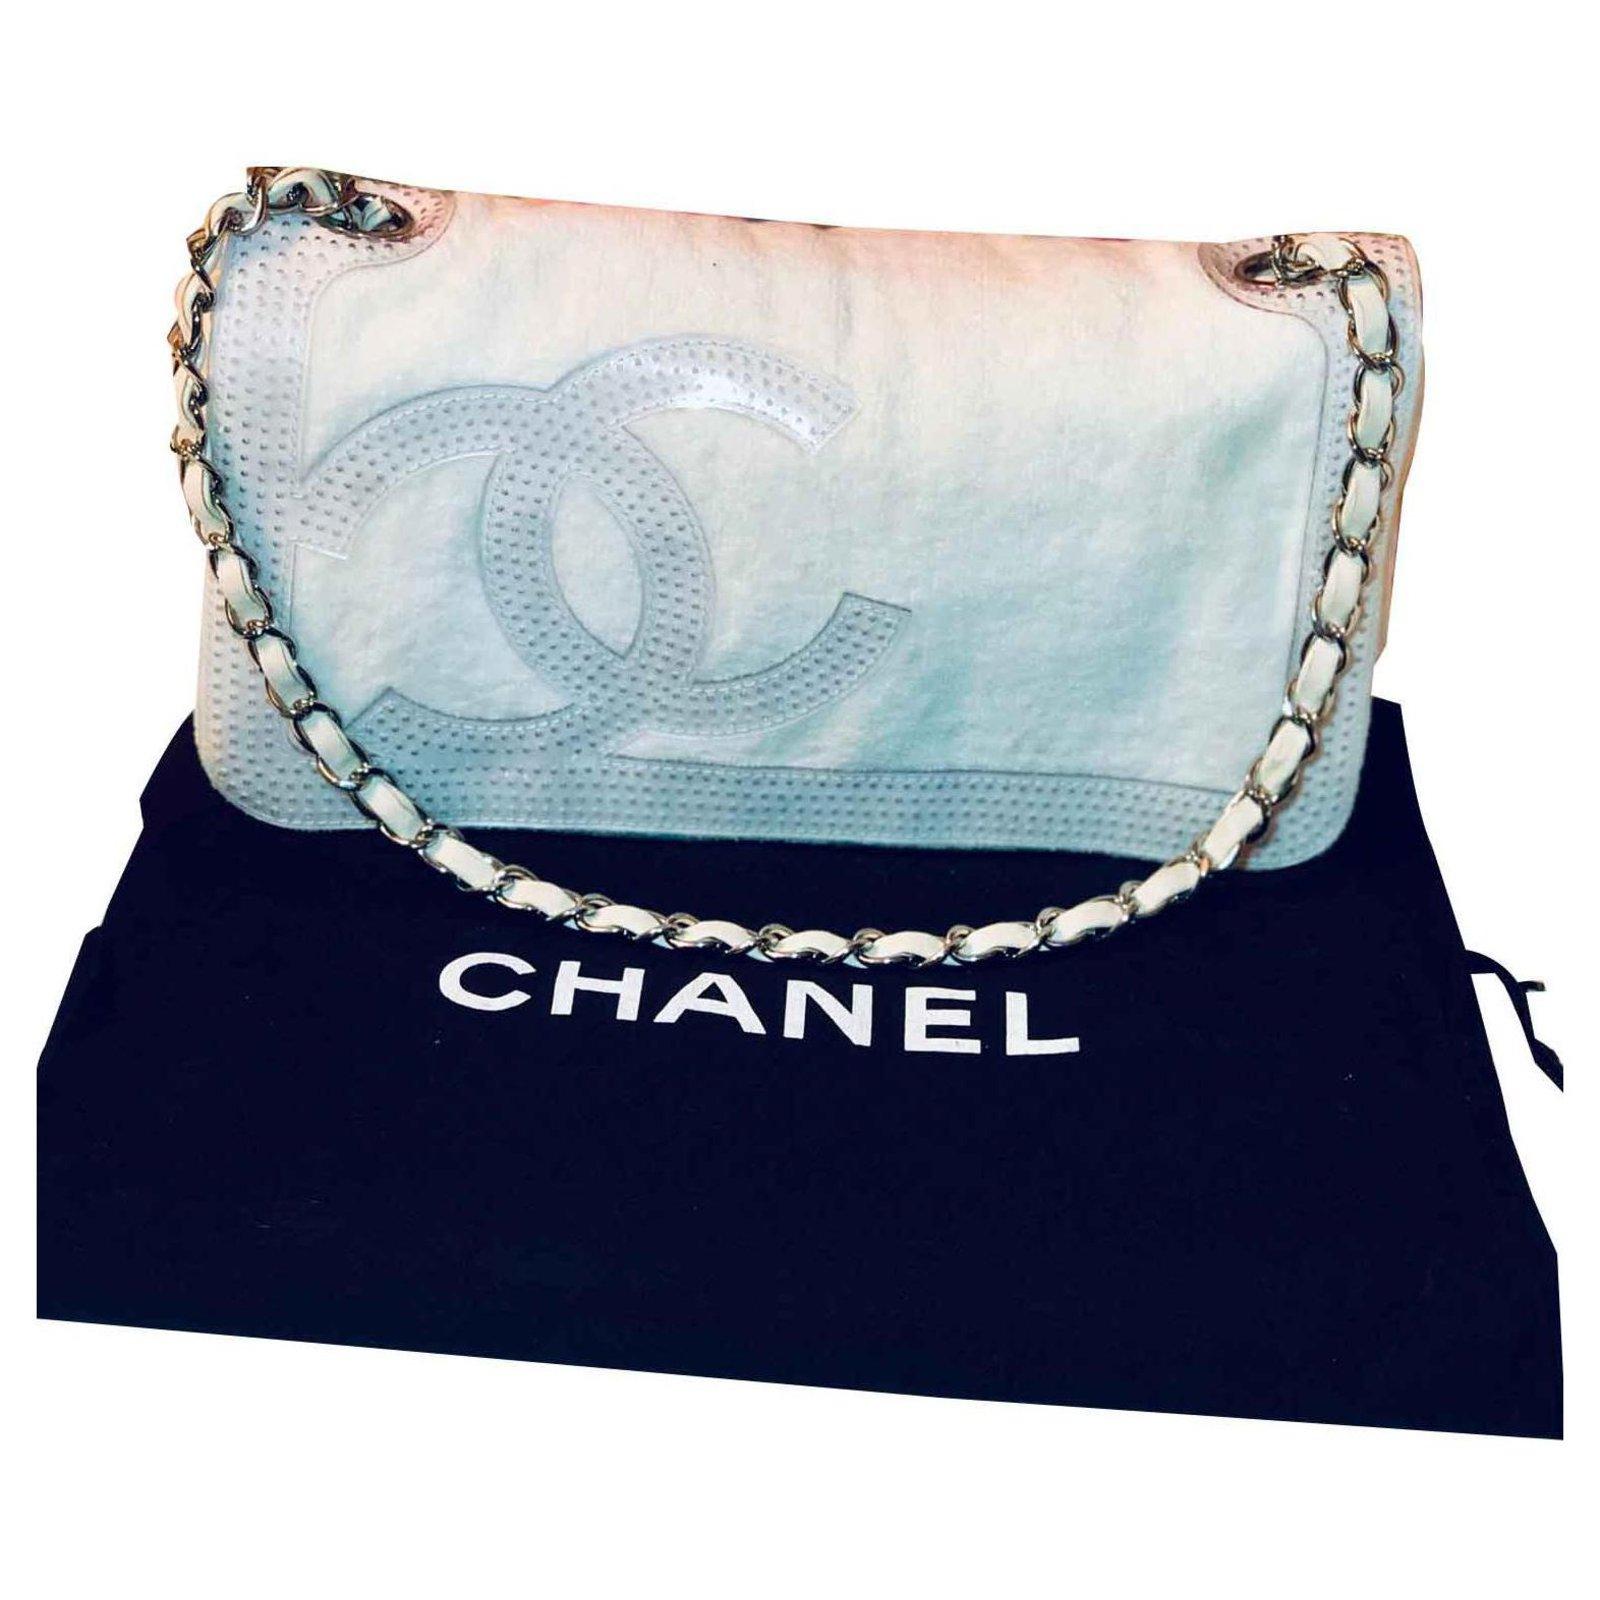 2a5c1c312768a8 Chanel Chanel handbag Handbags Plastic,Cloth White ref.115599 - Joli ...